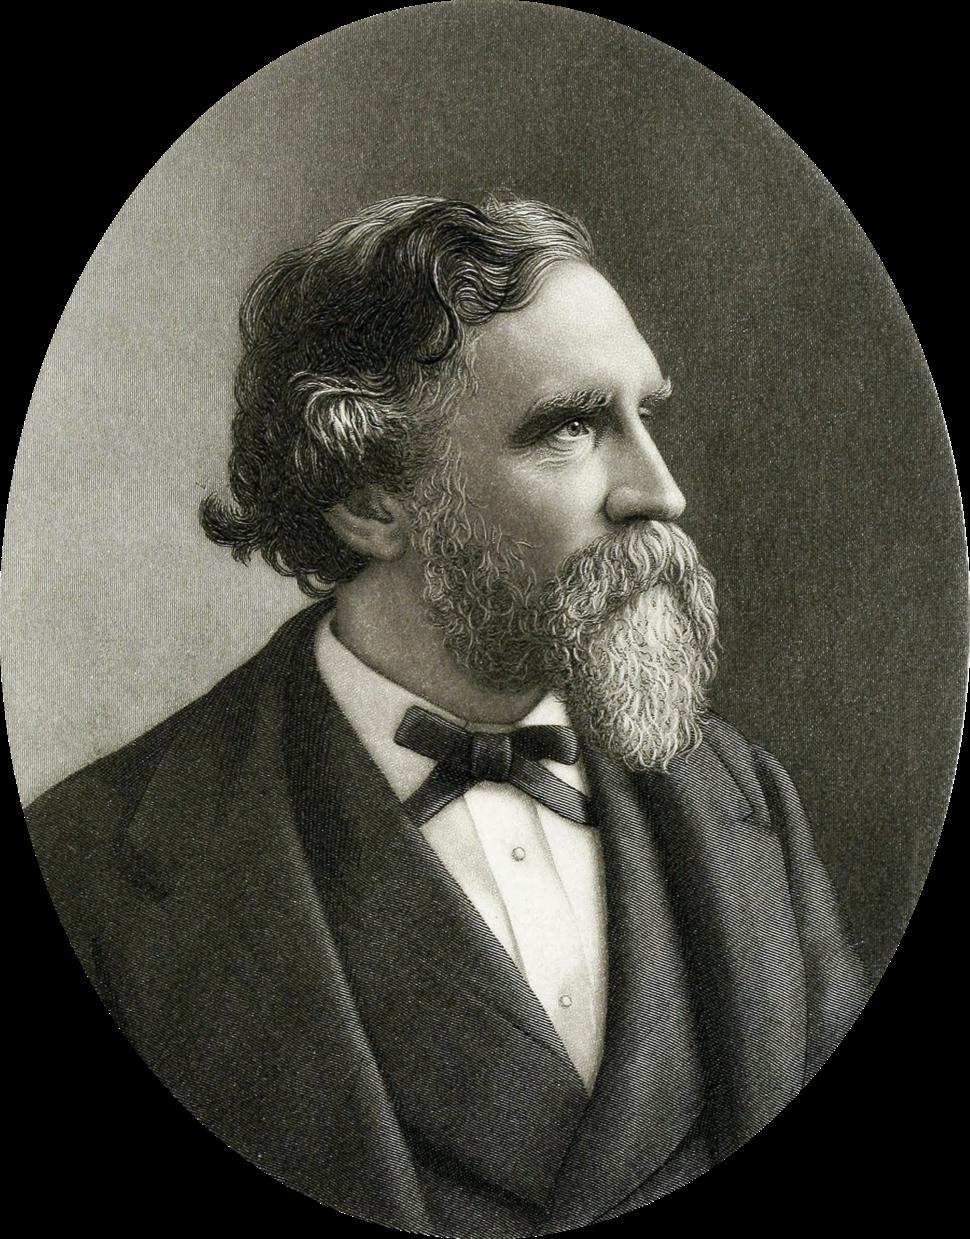 Samuel Bowles